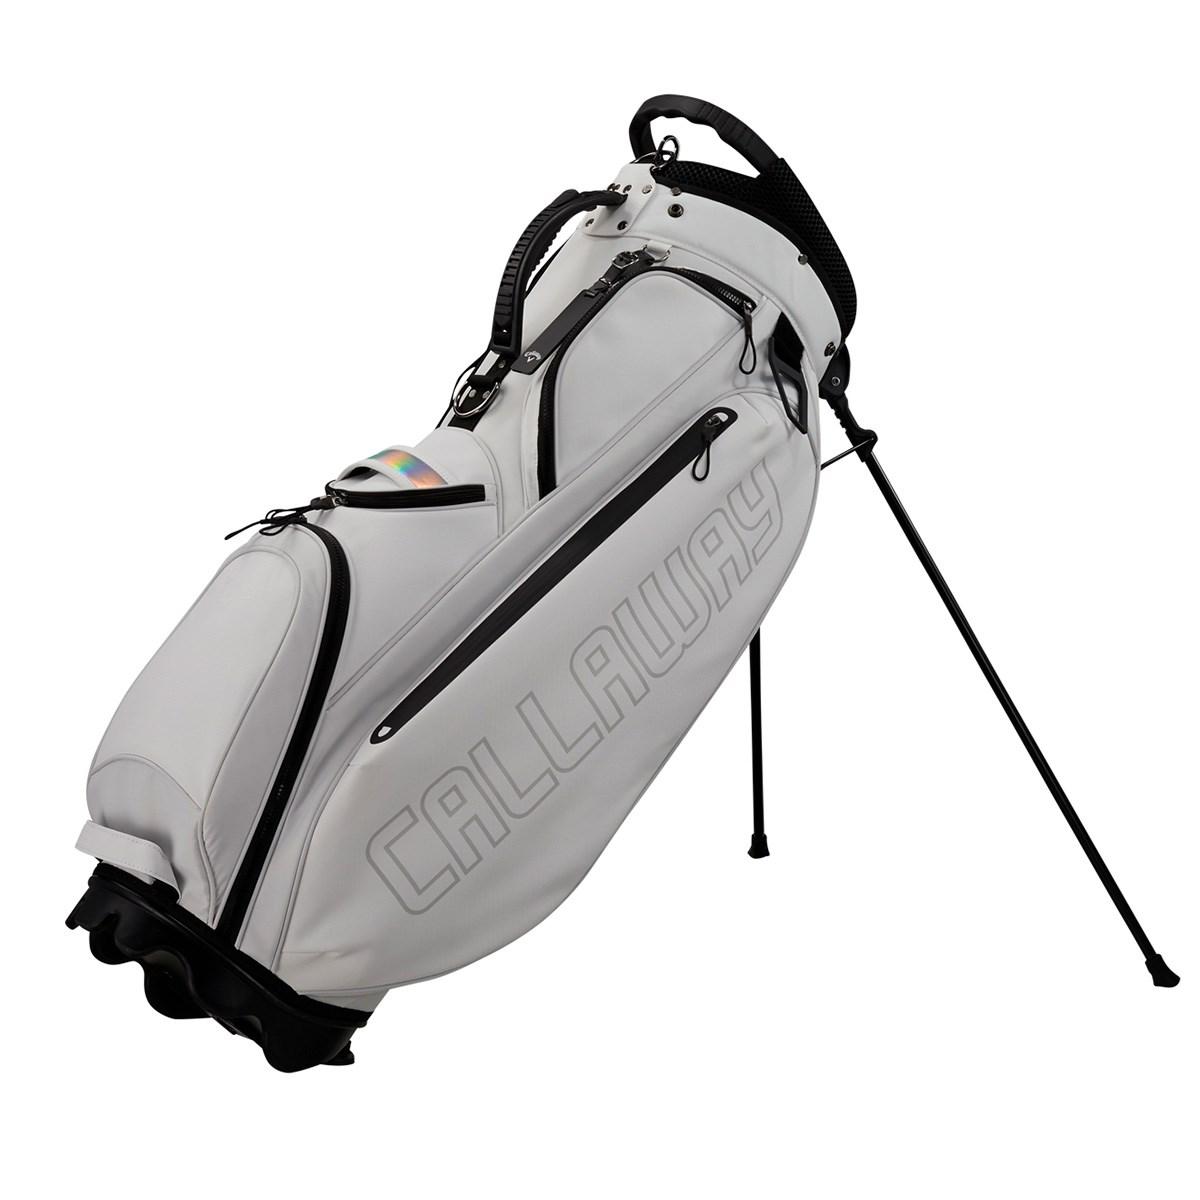 キャロウェイゴルフ Callaway Golf SPL-III スタンドキャディバッグ JM ホワイト